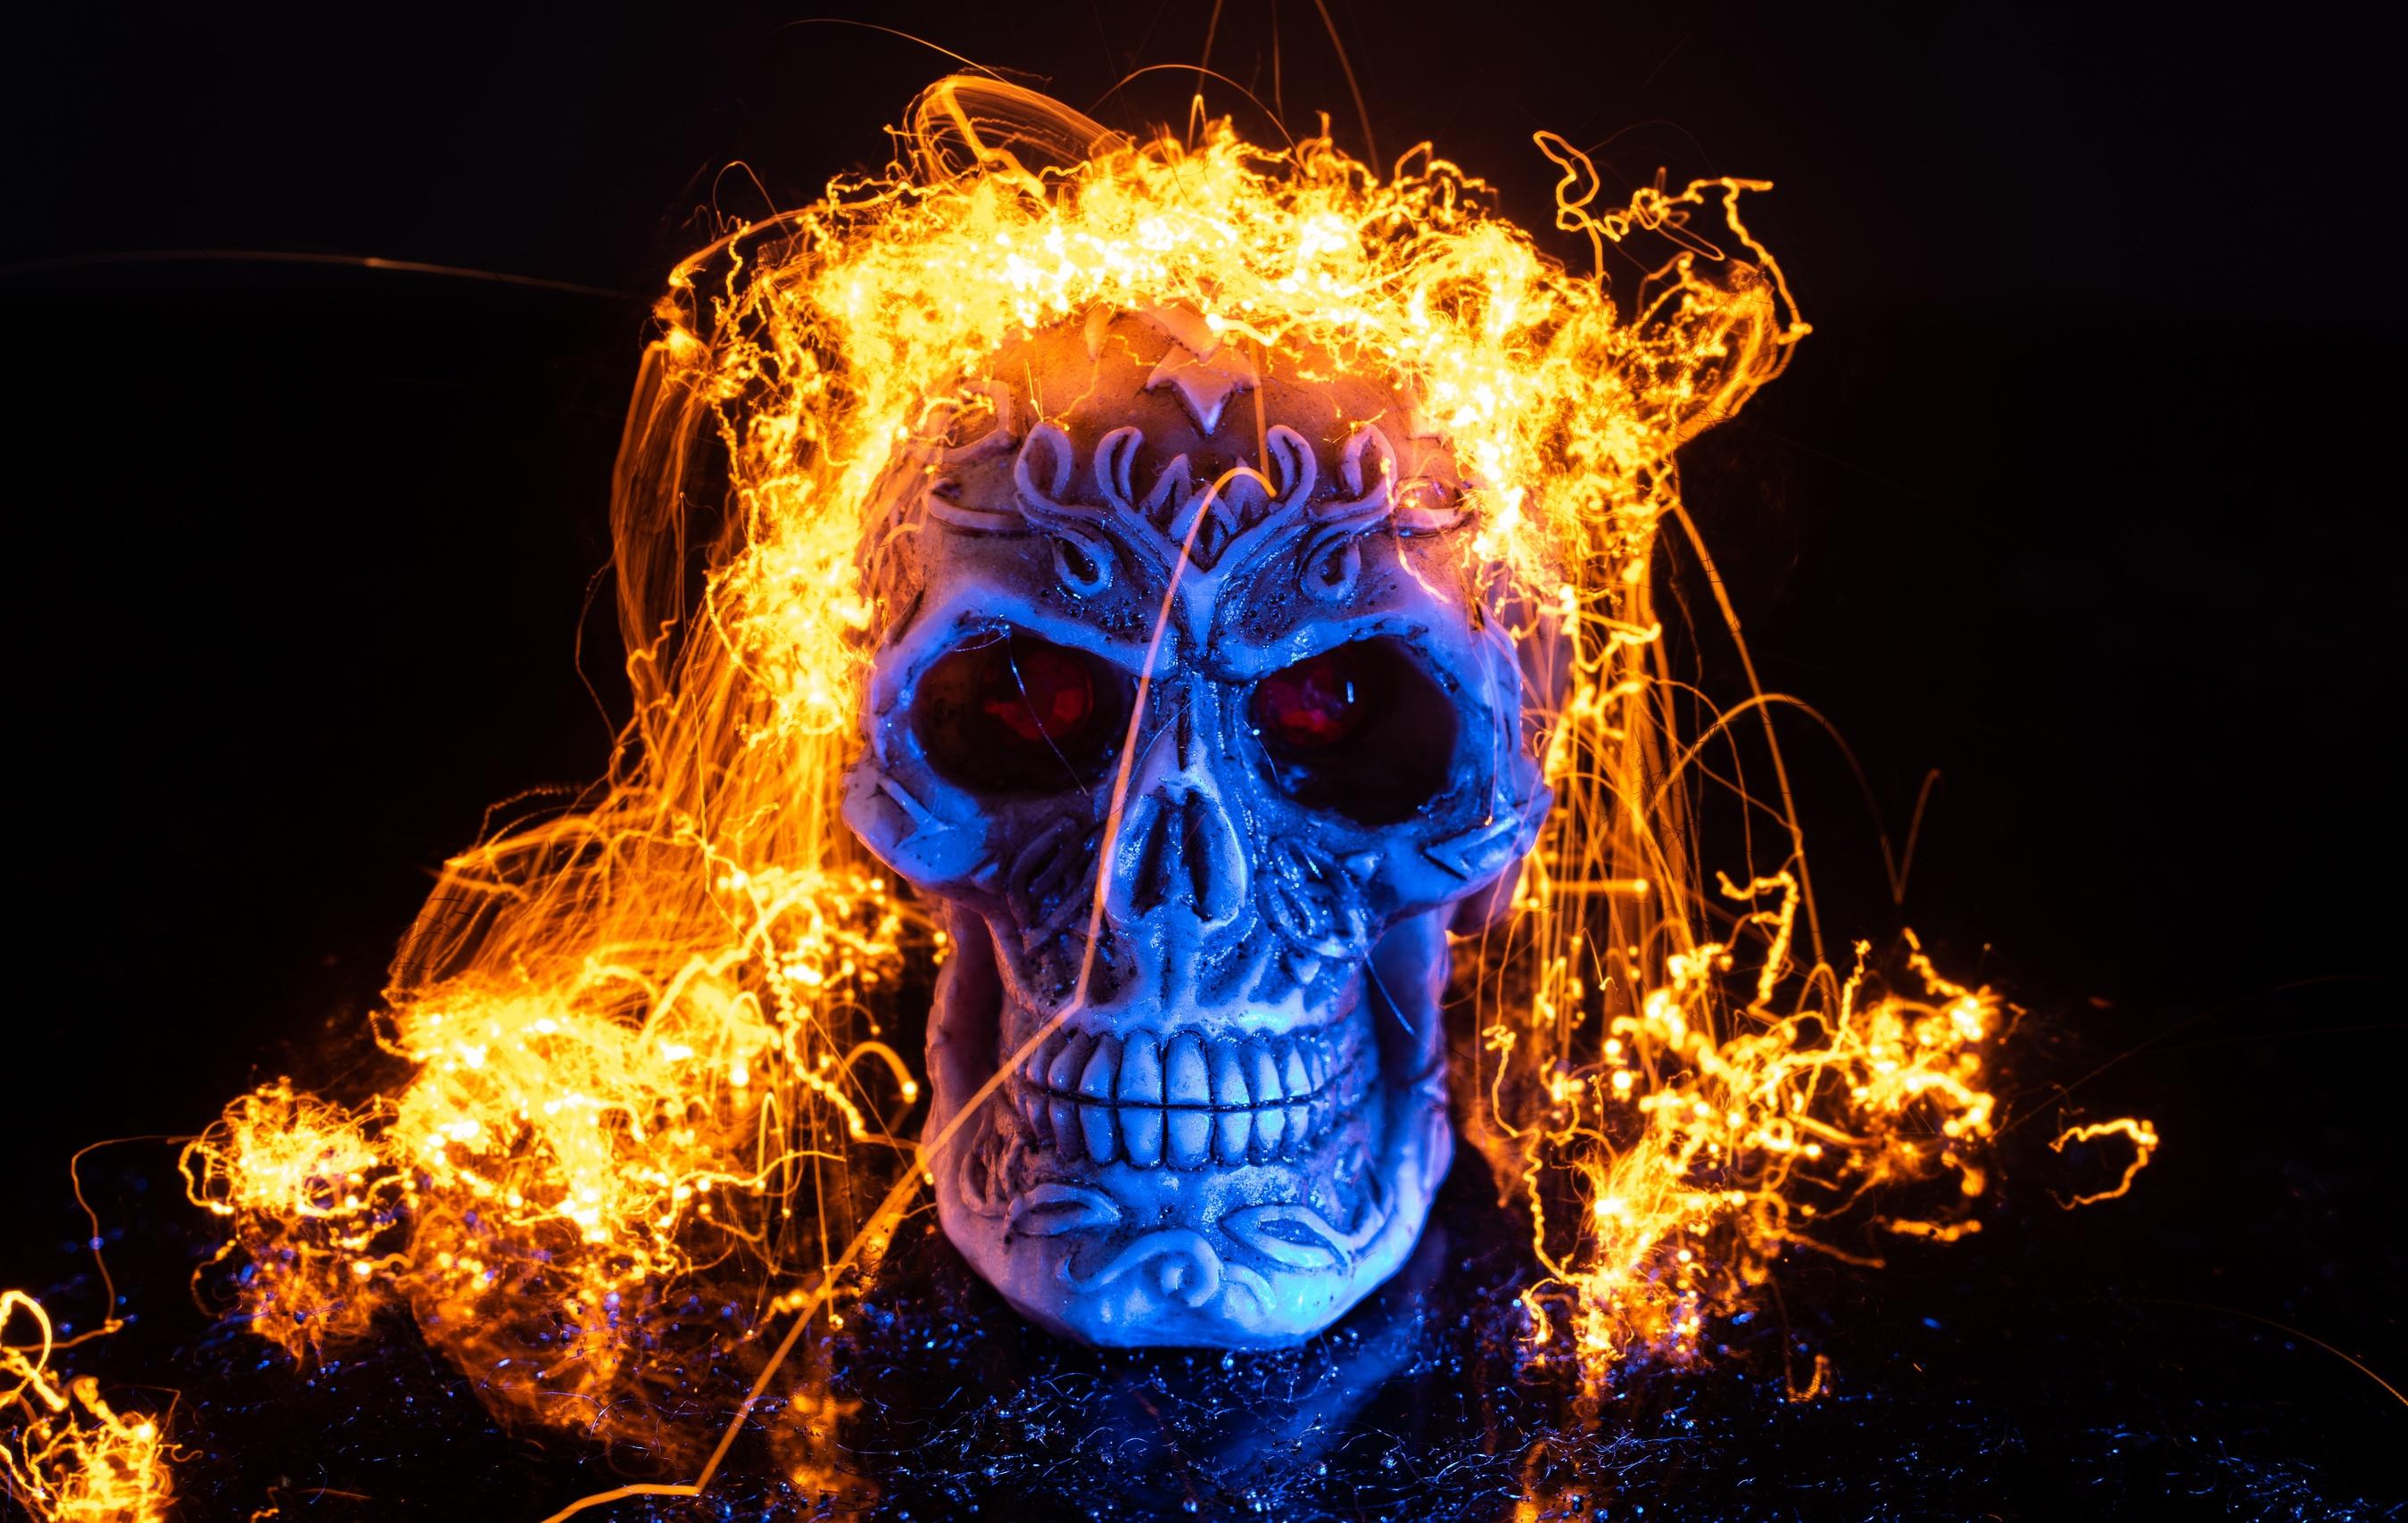 картинки черепов в огне с костями вдруг